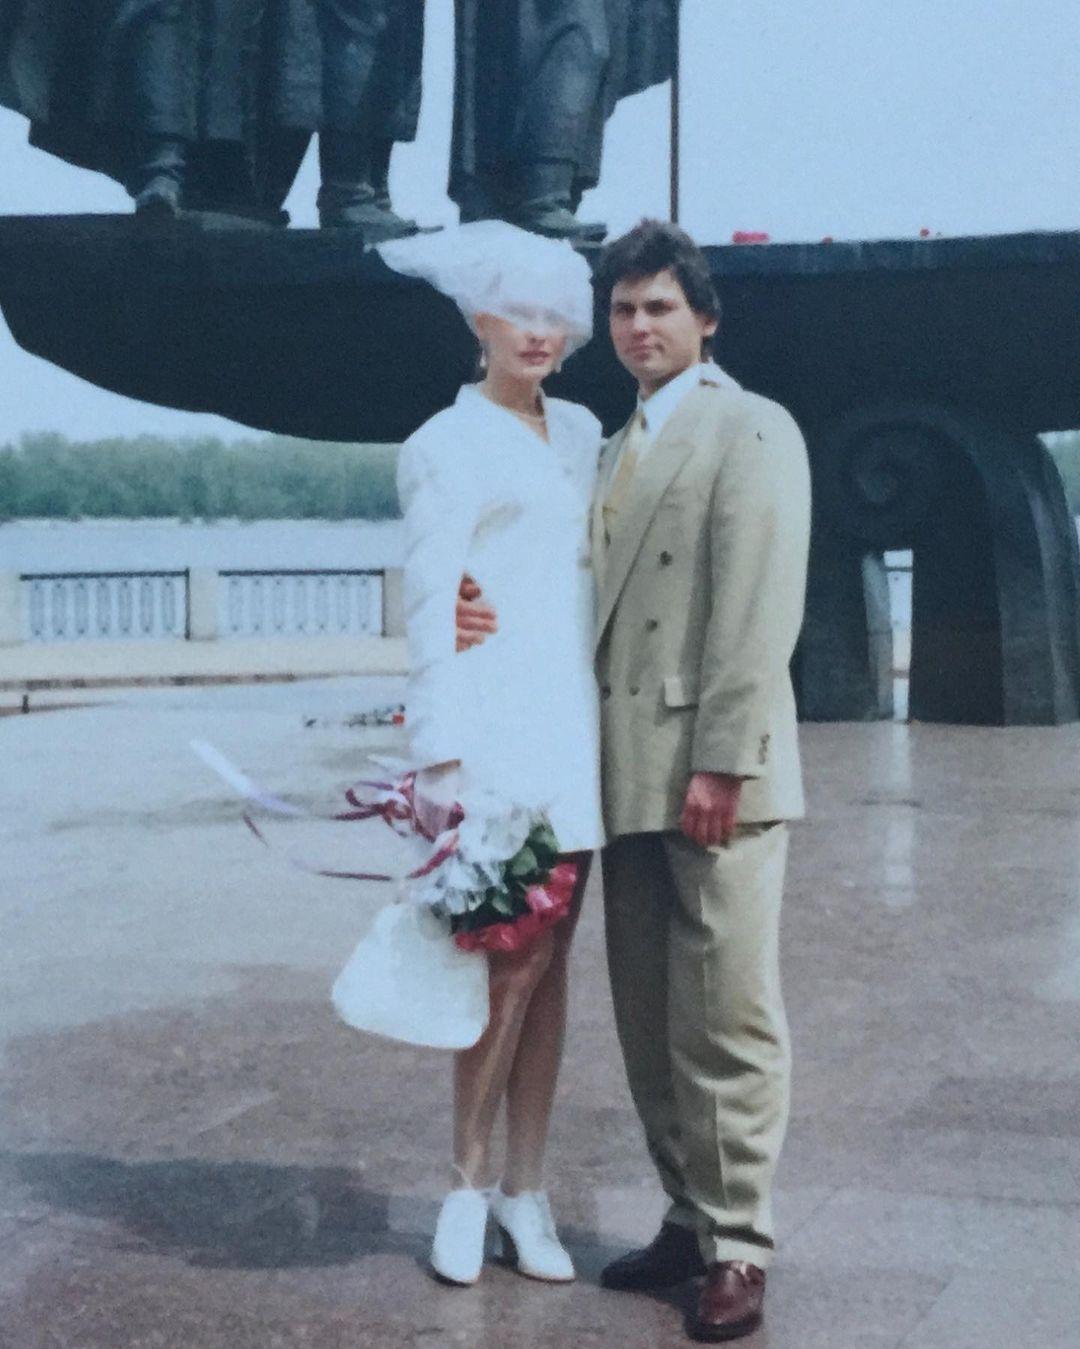 В честь 25-летия брака Ольга Сумская показала архивные фото со свадьбы - фото №1